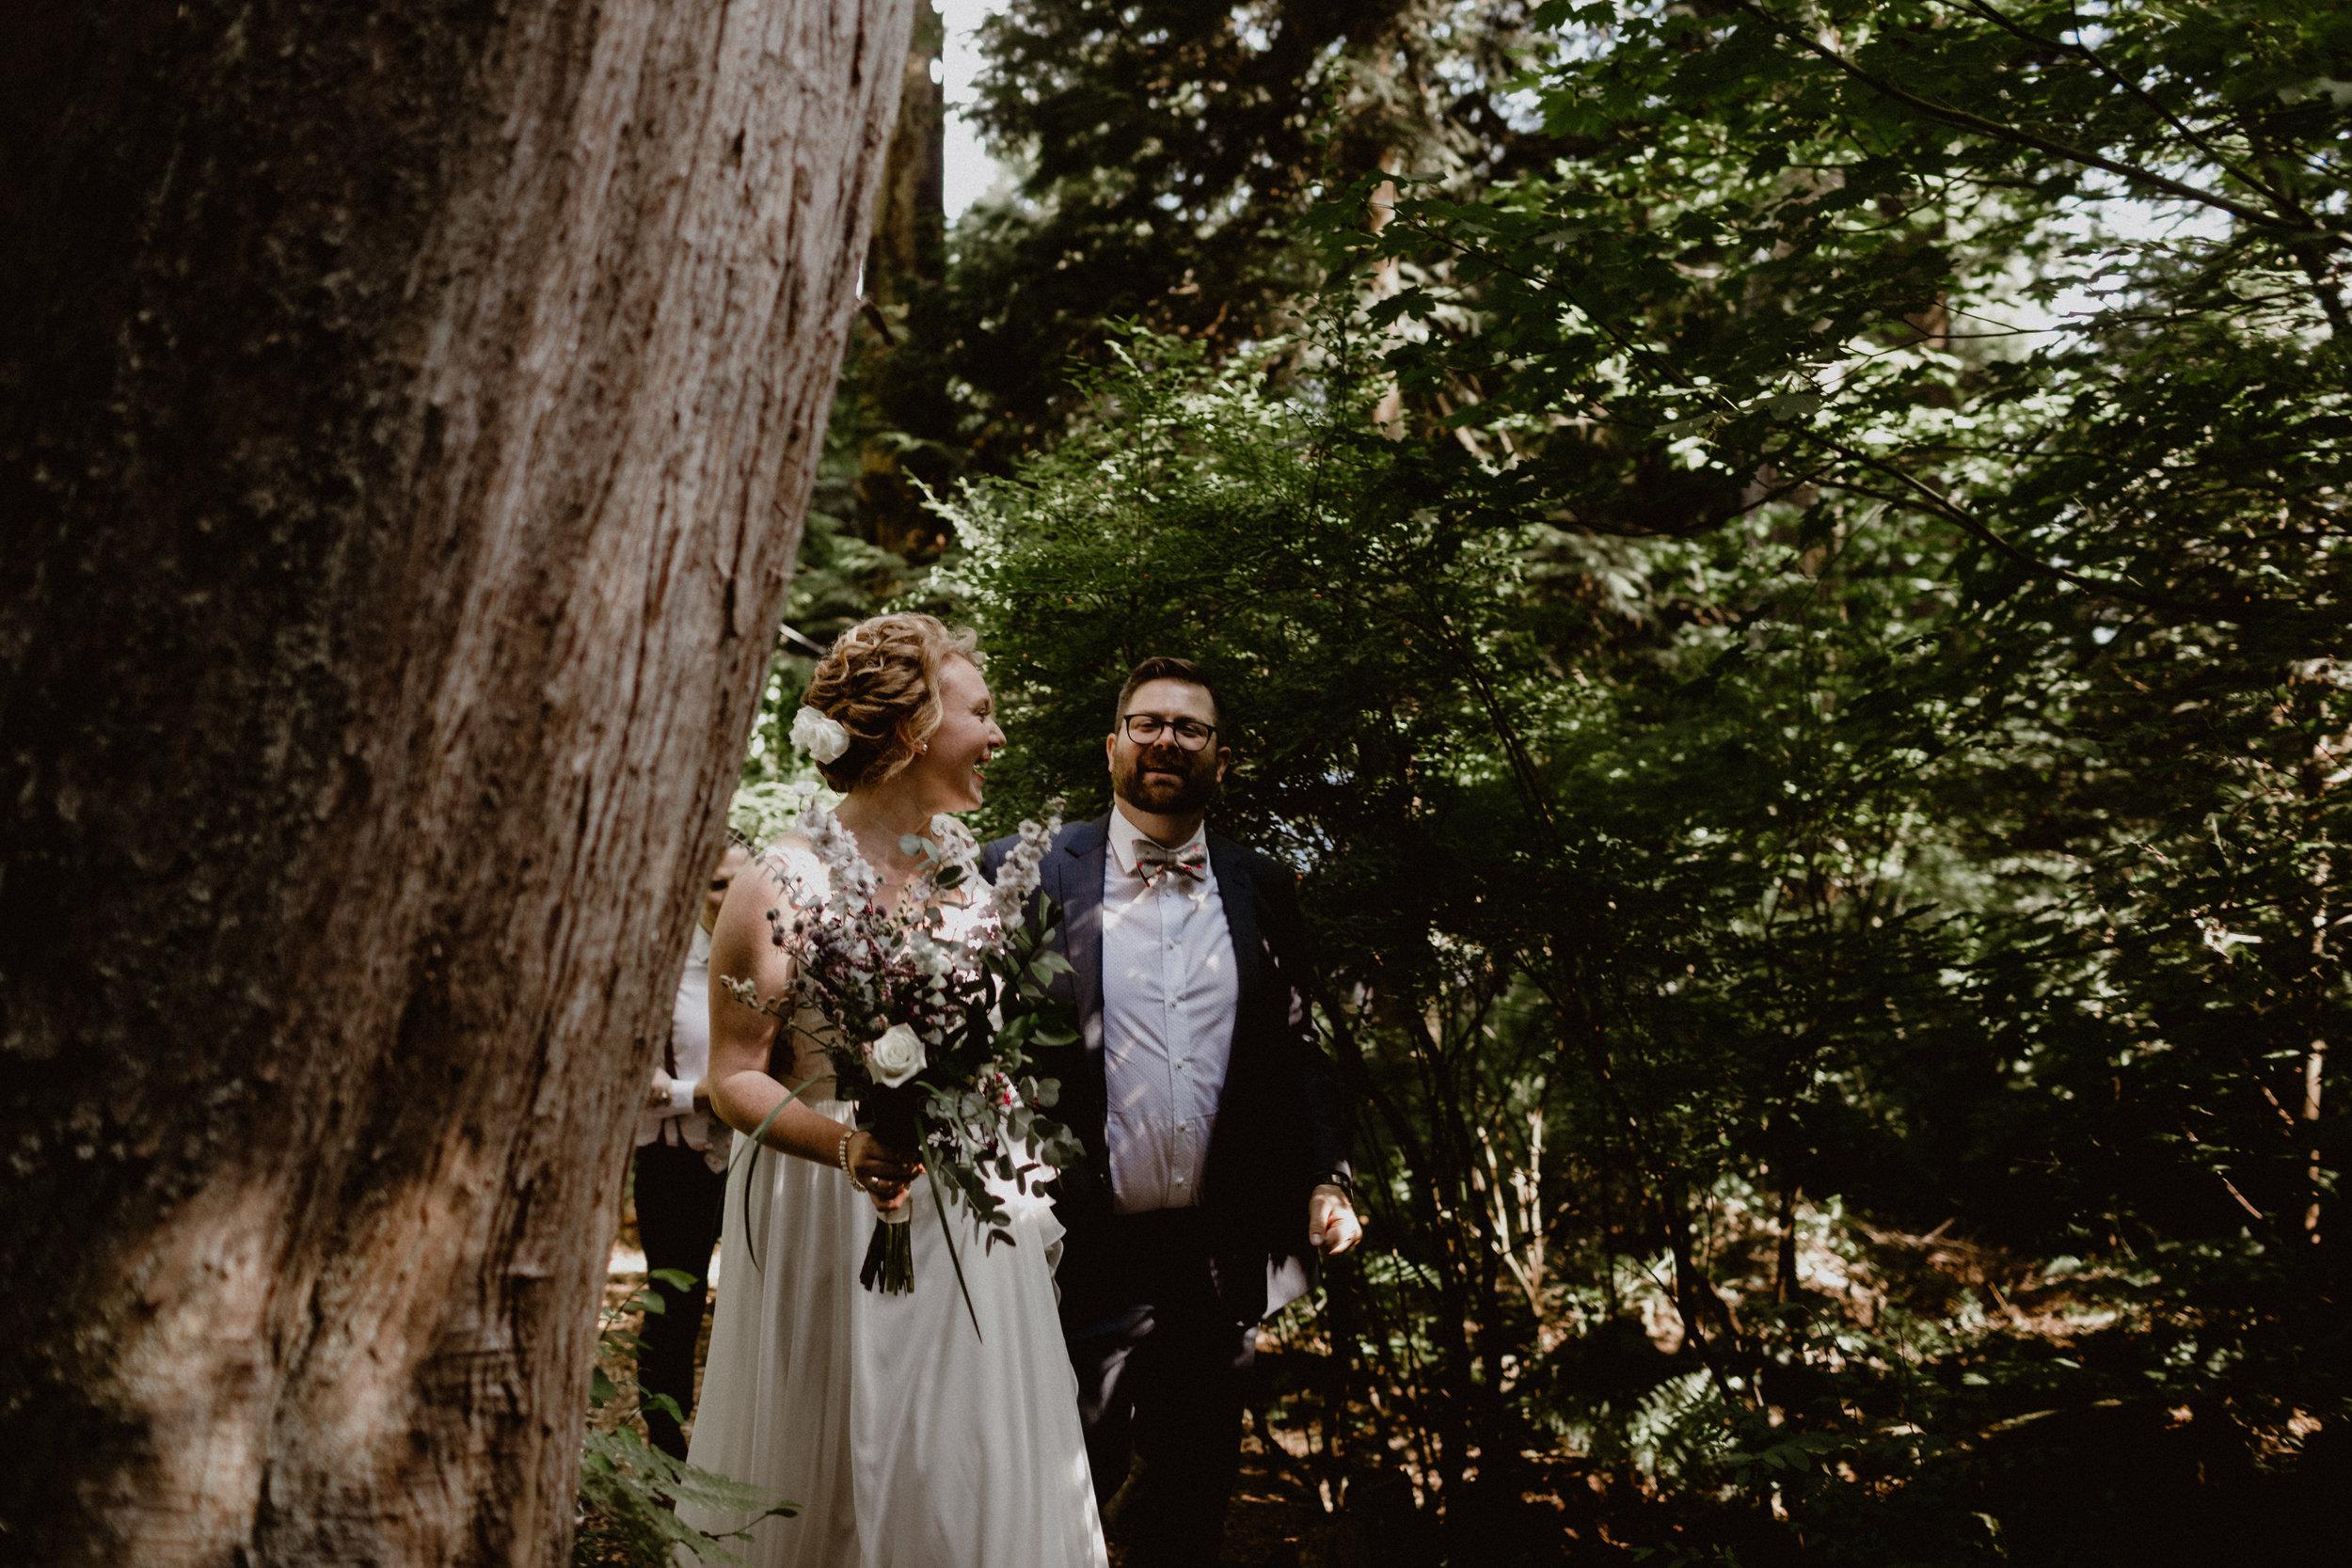 west-vancouver-backyard-wedding-130.jpg